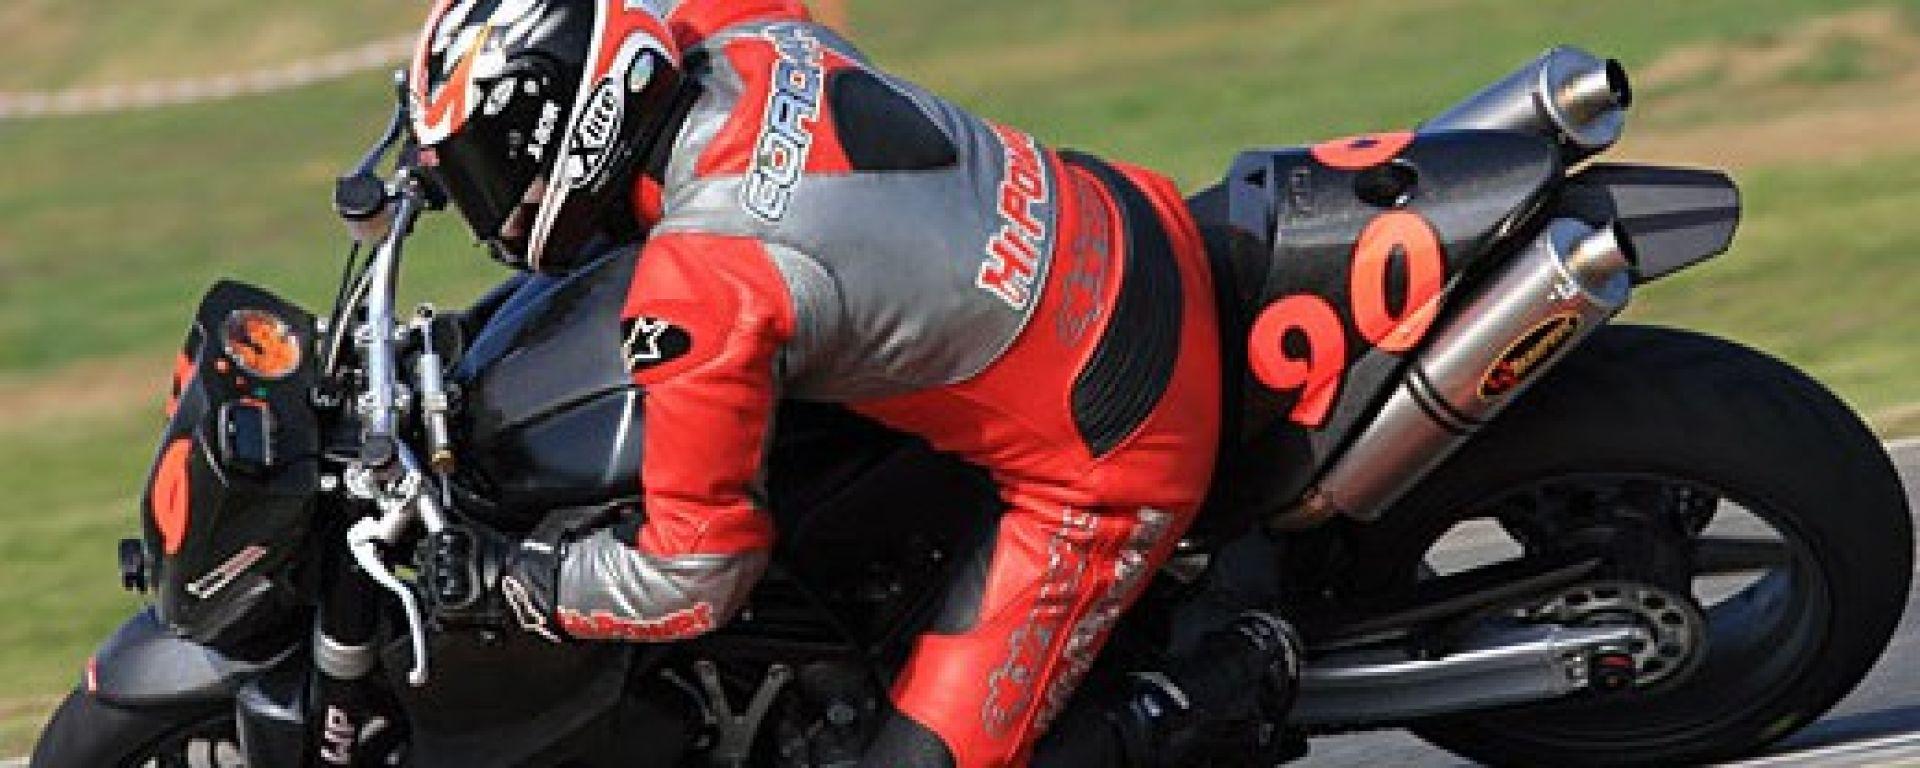 KTM: un trofeo per la Super Duke